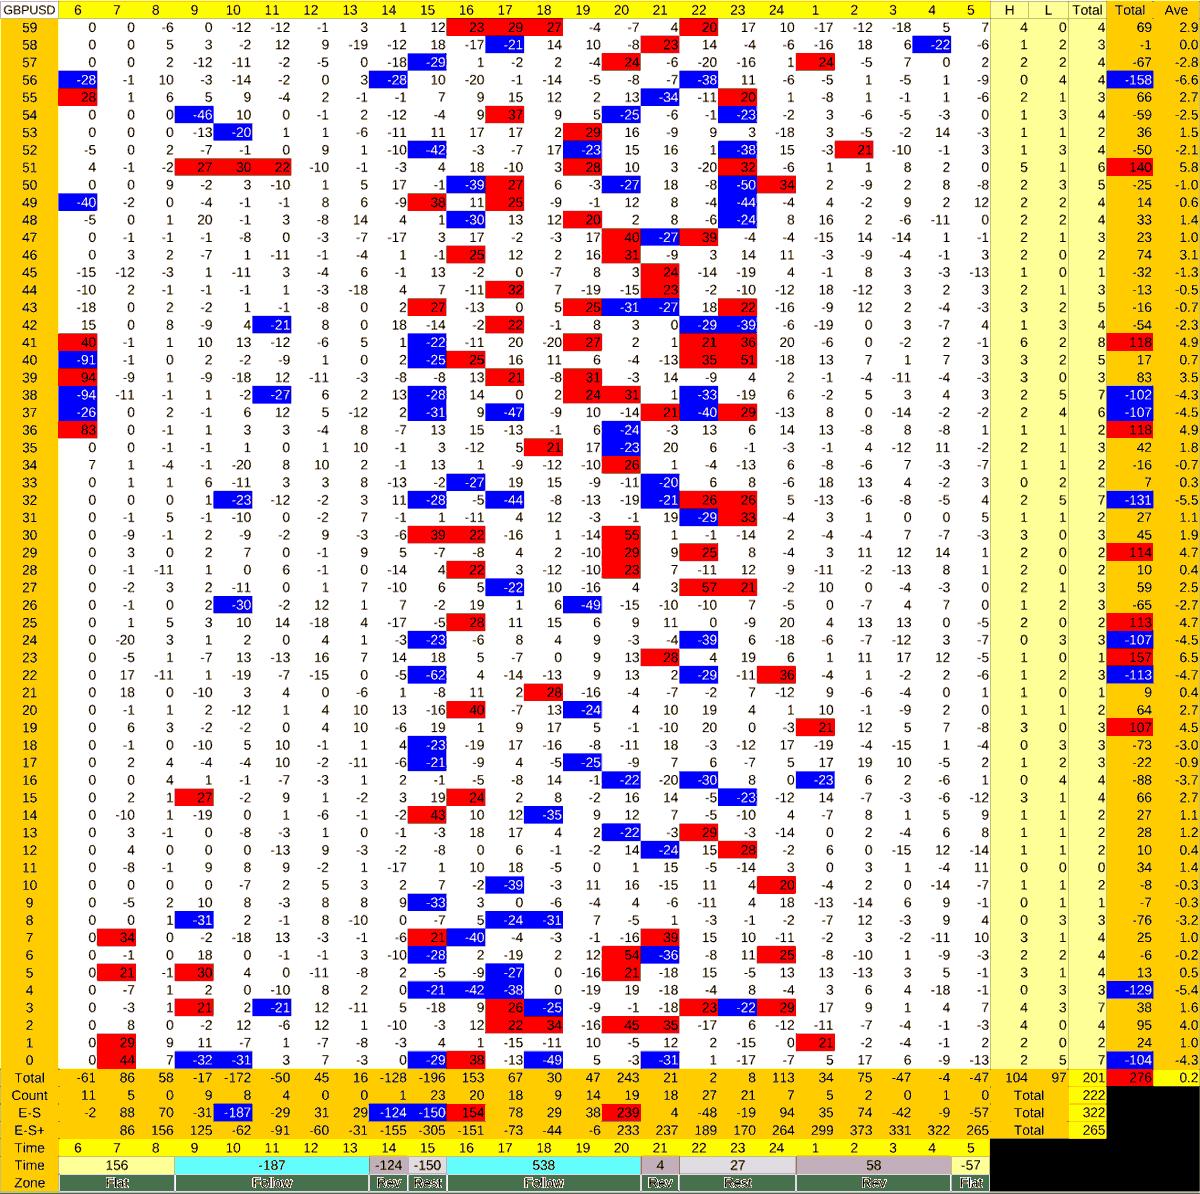 20210607_HS(2)GBPUSD